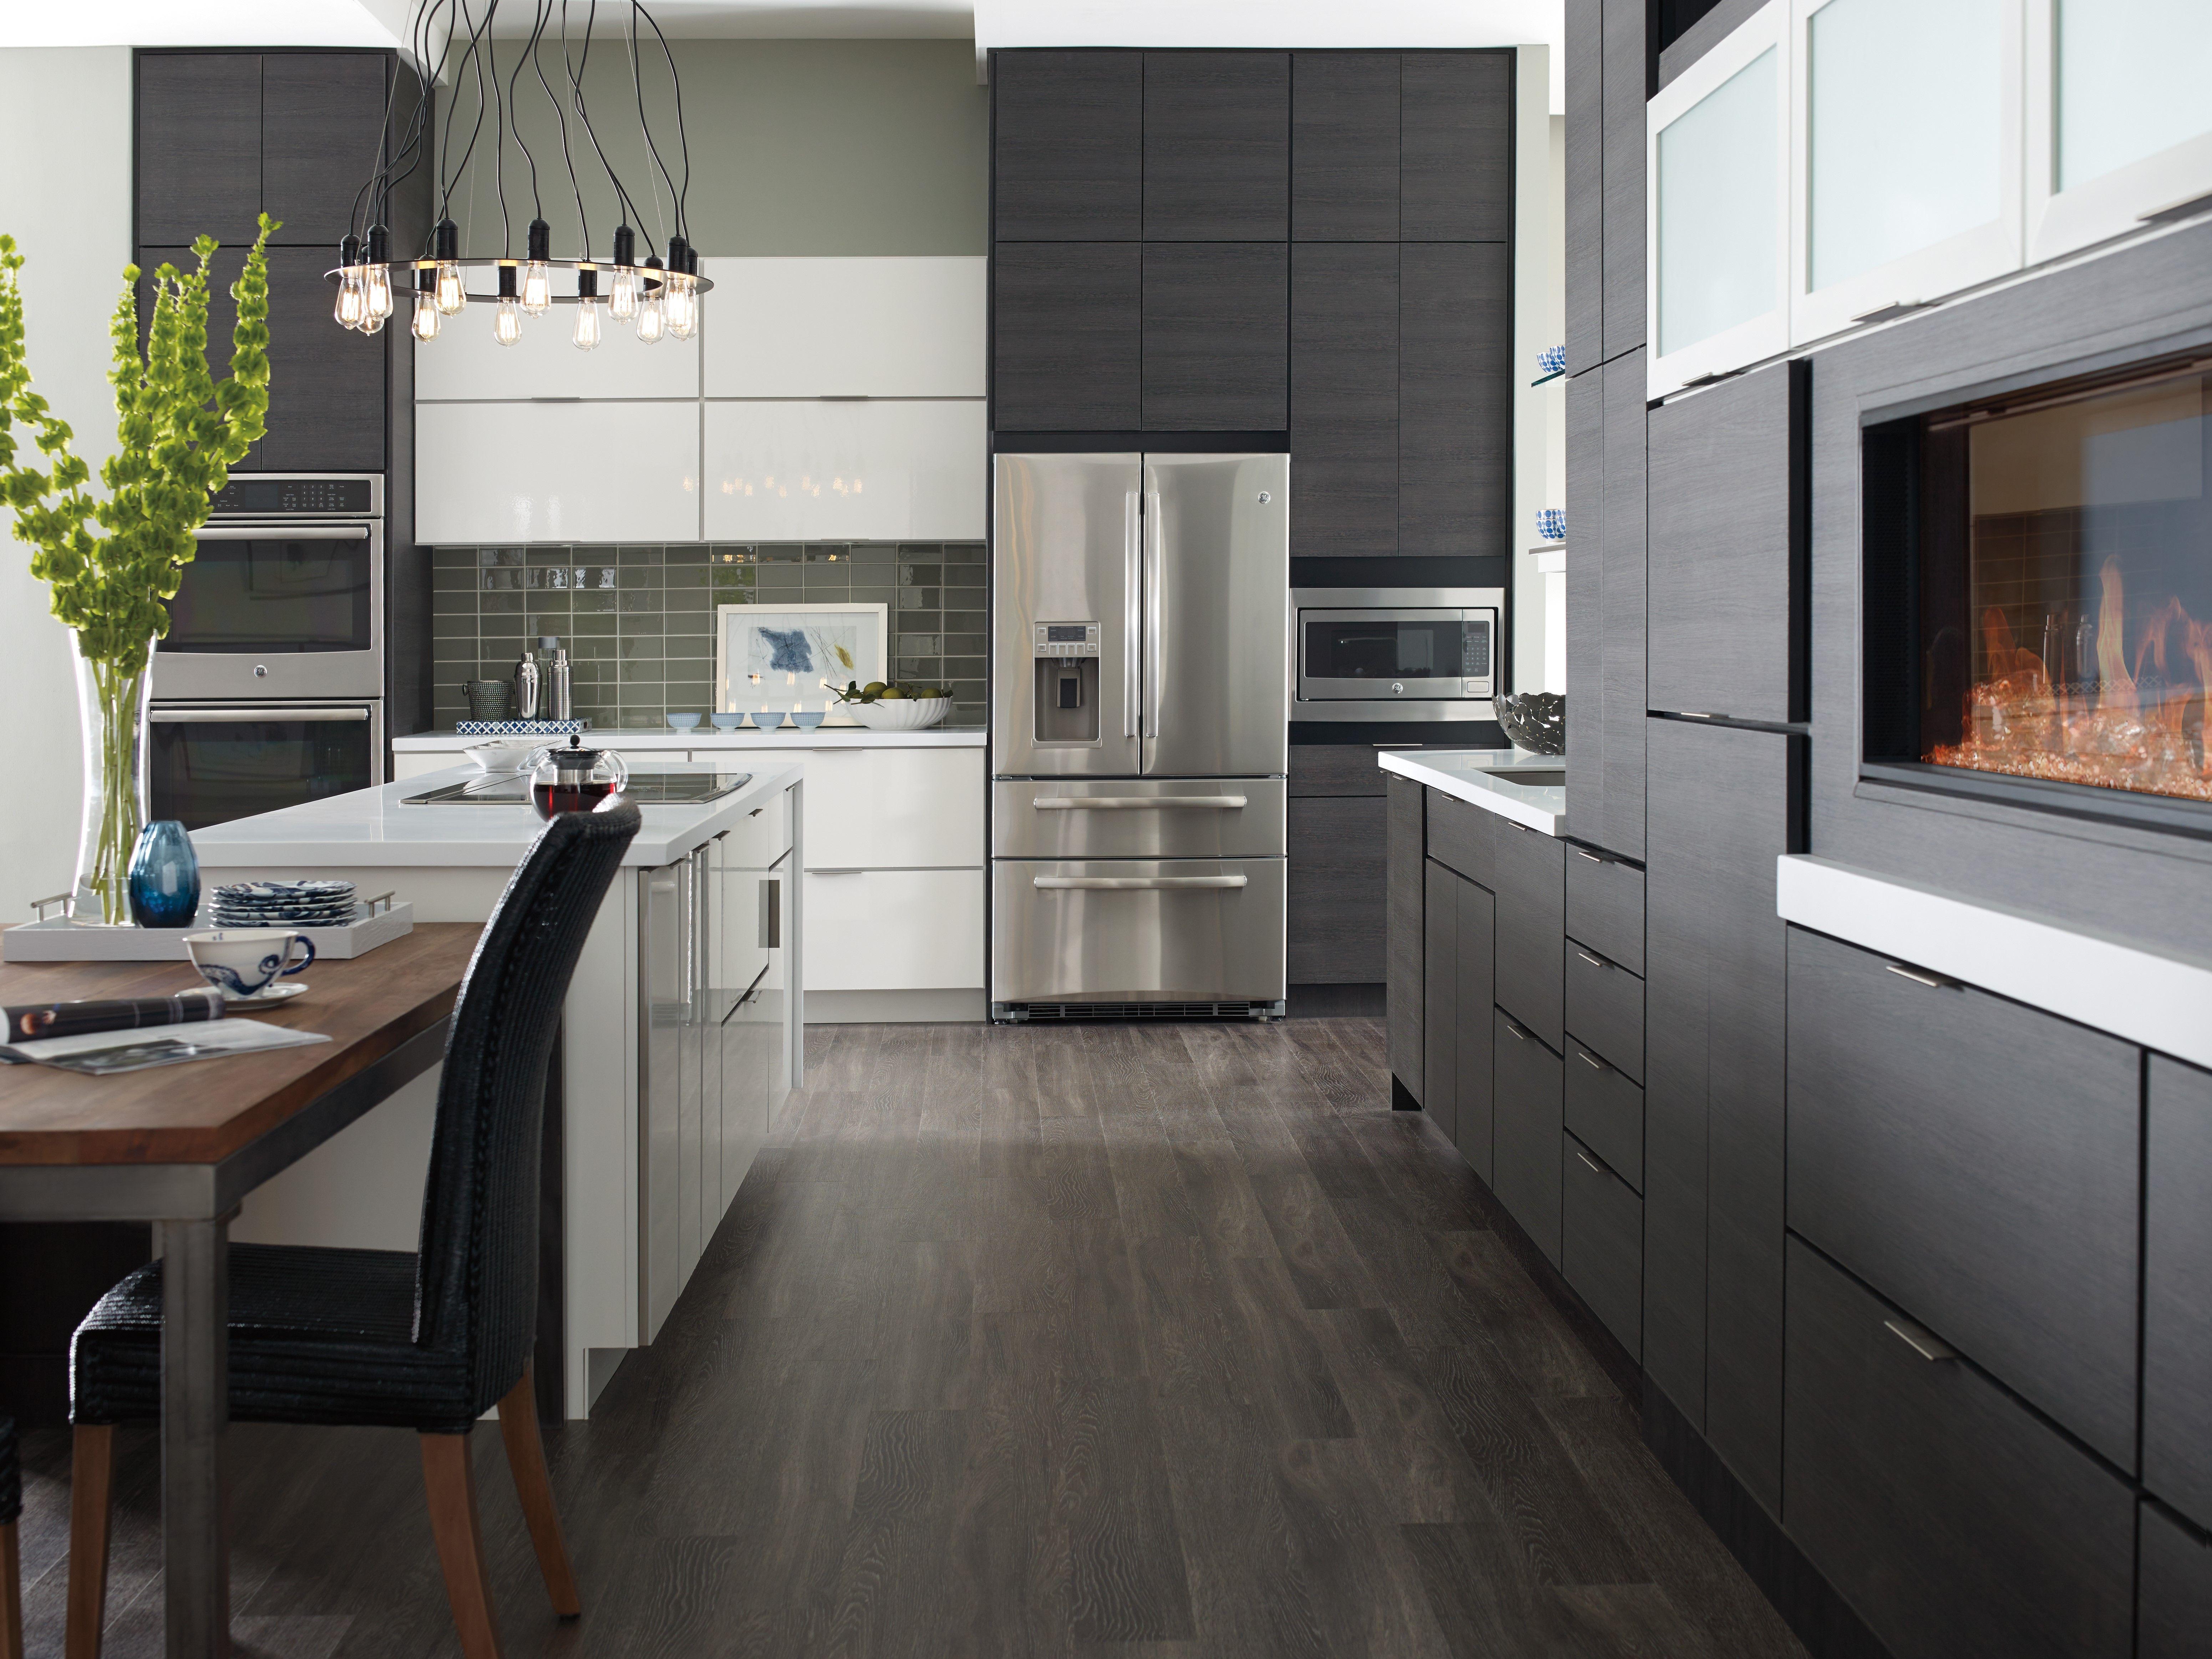 Functional Beauty Kitchen Cabinet Door Styles Contemporary Kitchen Contemporary Kitchen Cabinets